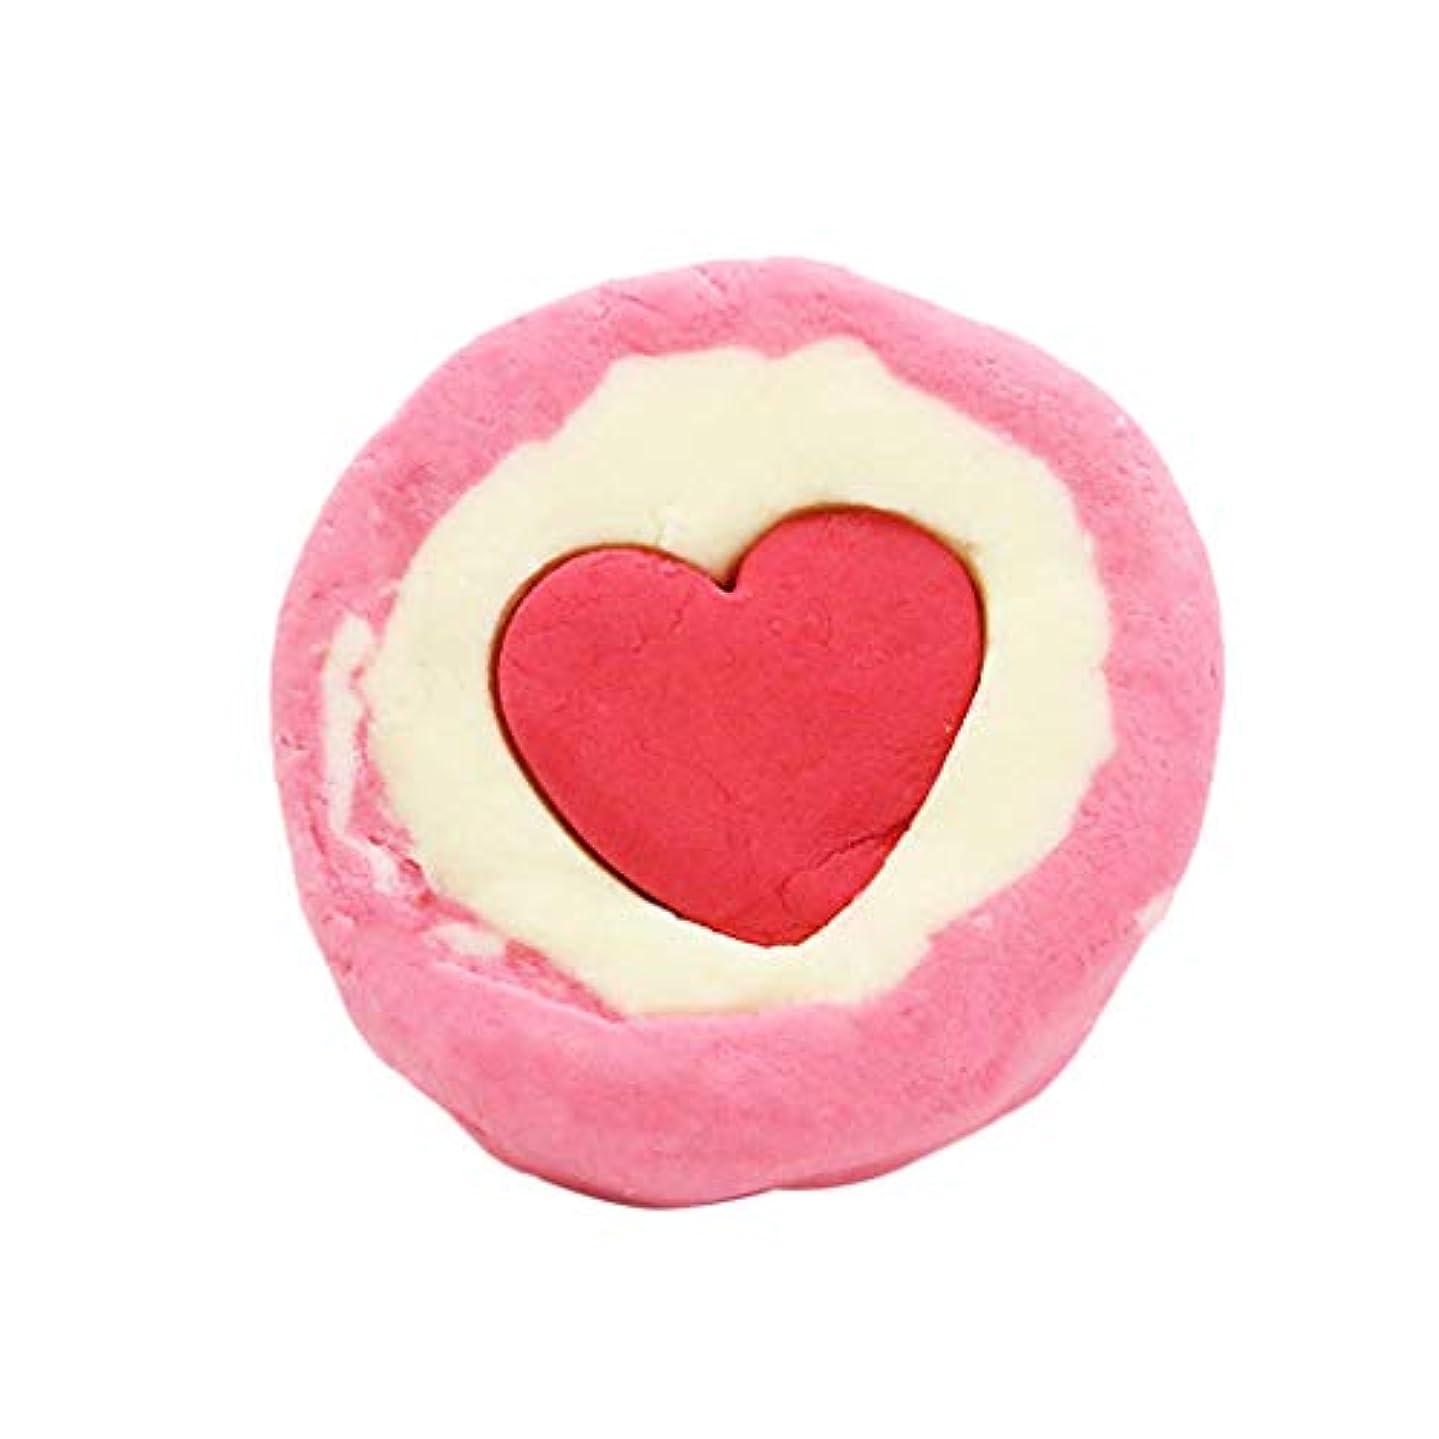 提供するアクセサリーレモンCUHAWUDBA ハート型 入浴ボール ドライ?フラワー バブル ソルトバスボール ホームスパギフトボックス付き、異なる香り、すべての肌が使用可能